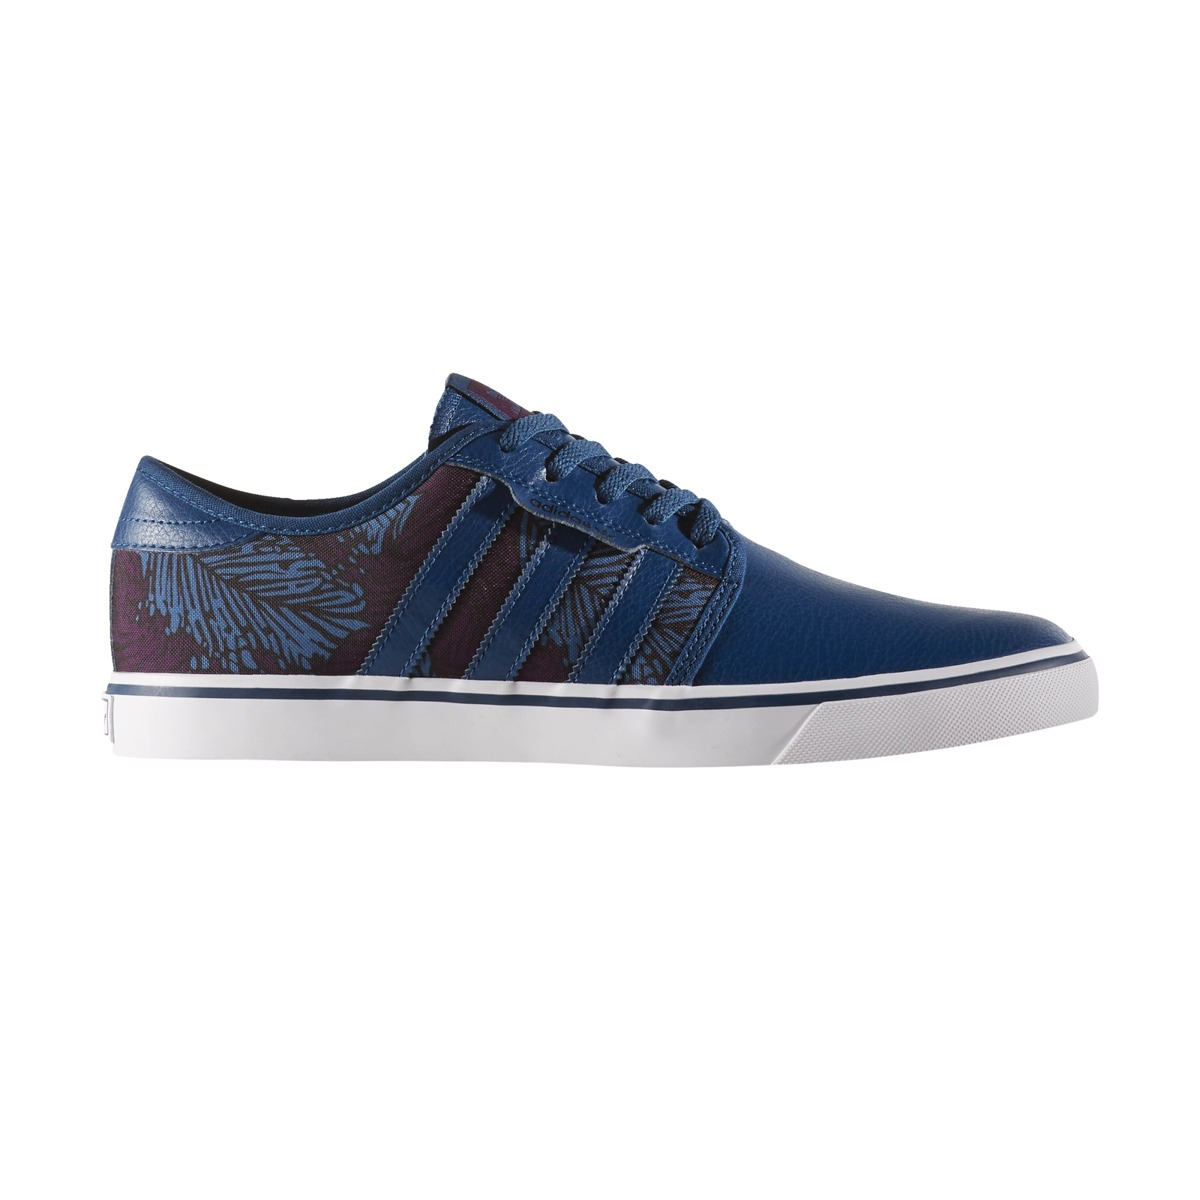 reputable site 81078 13651 Moda Originals 500 Adidas En Zapatillas Azbd1 Seeley Hombre 00 ...